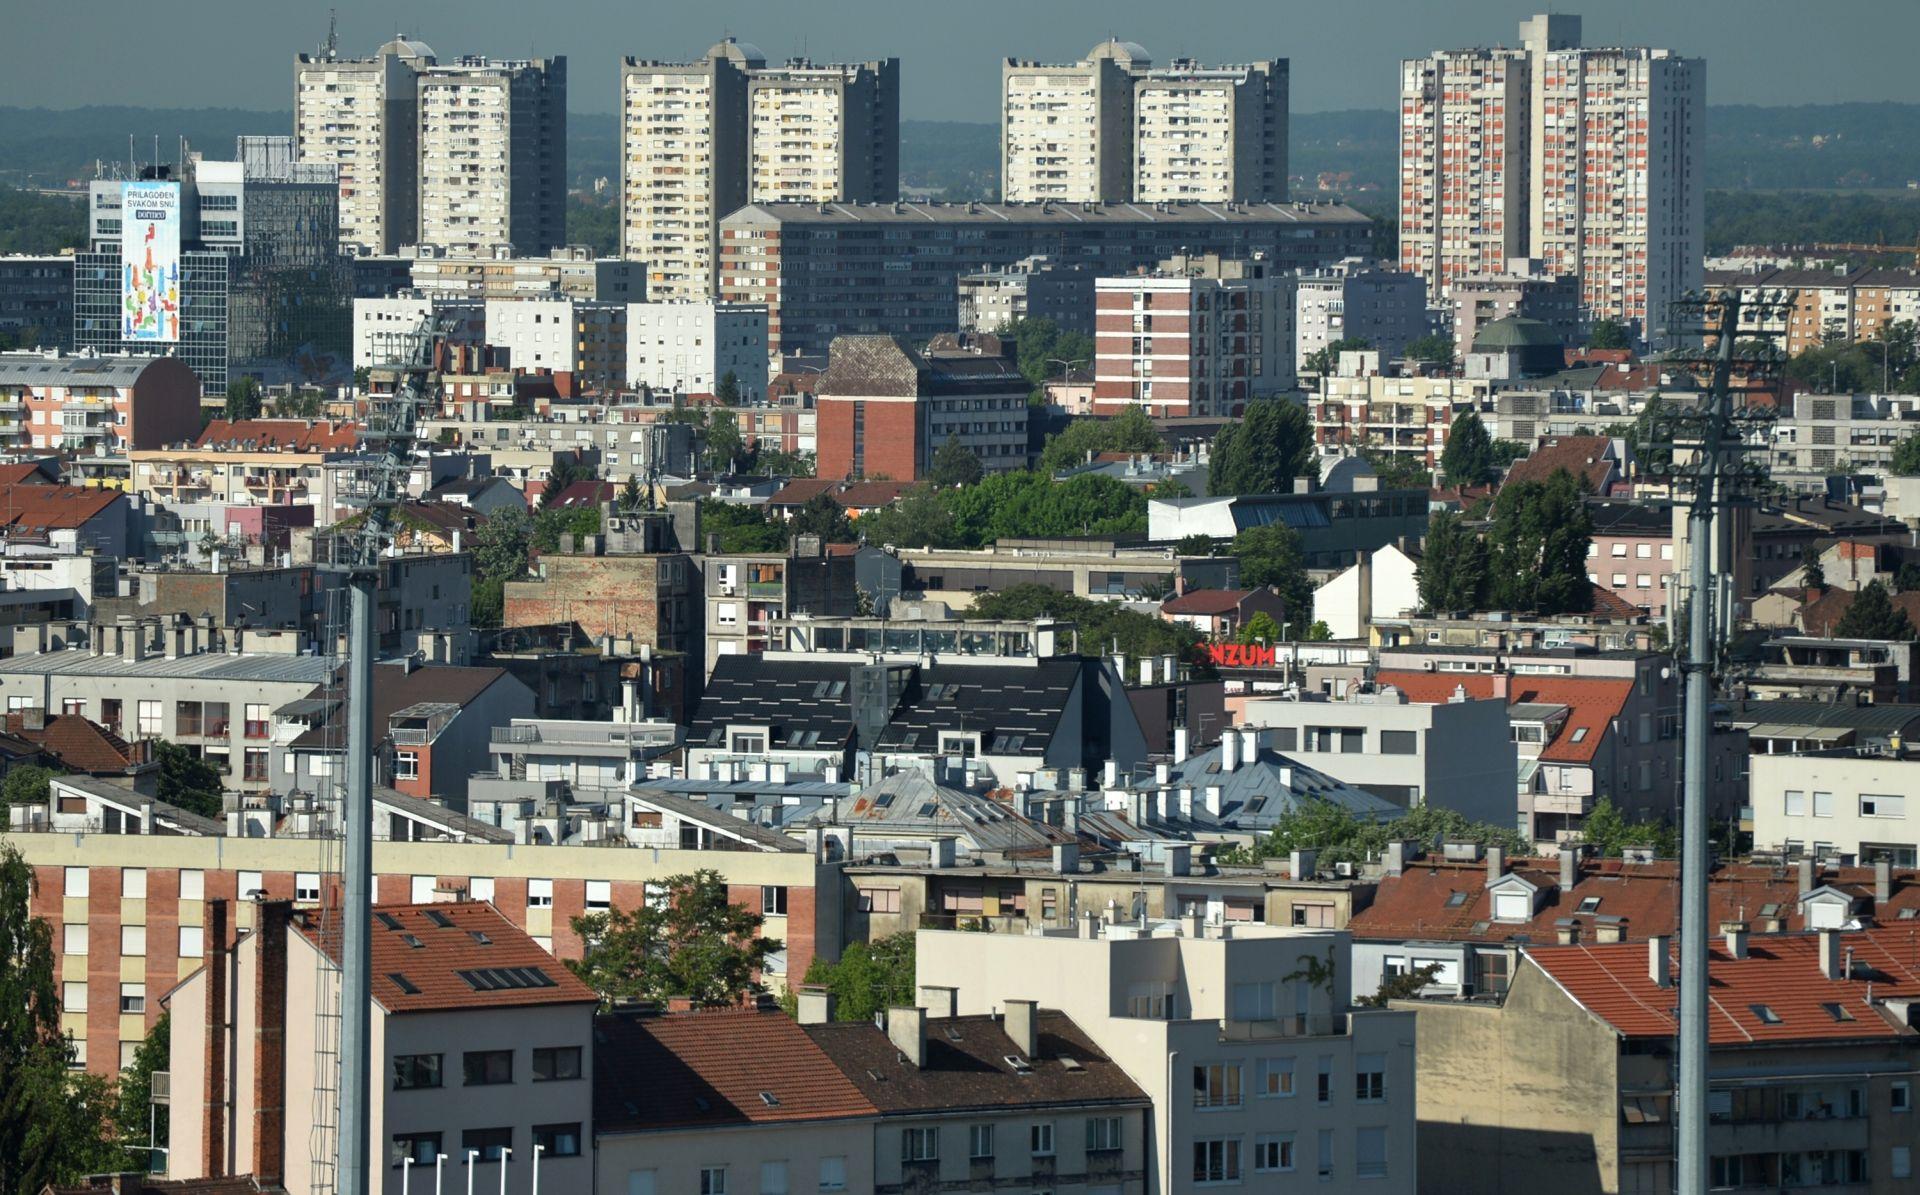 Skup: Zagreb je siguran grad, ali treba i dalje raditi na sigurnosti